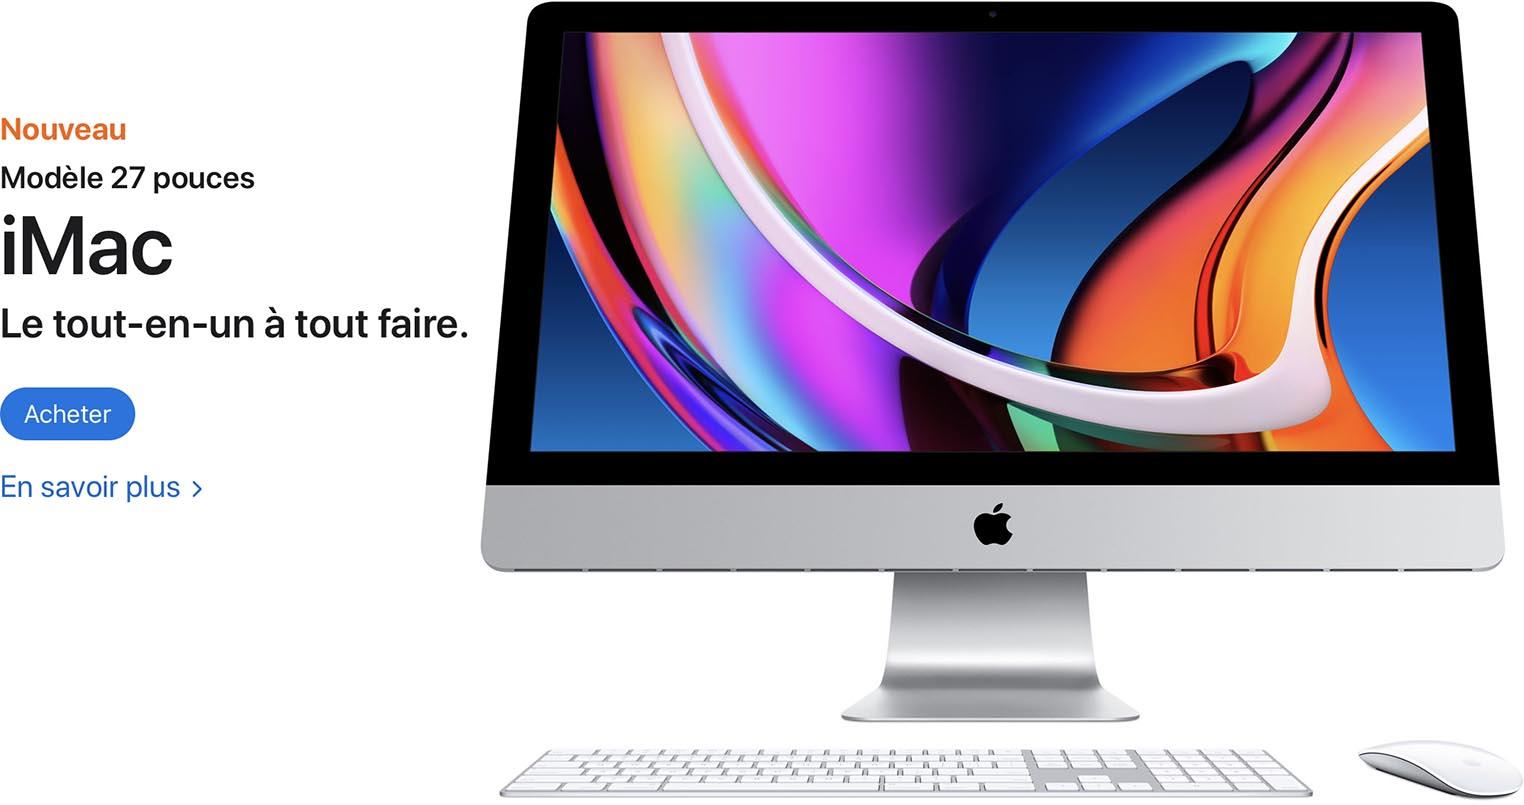 iMac 27 pouces 2020